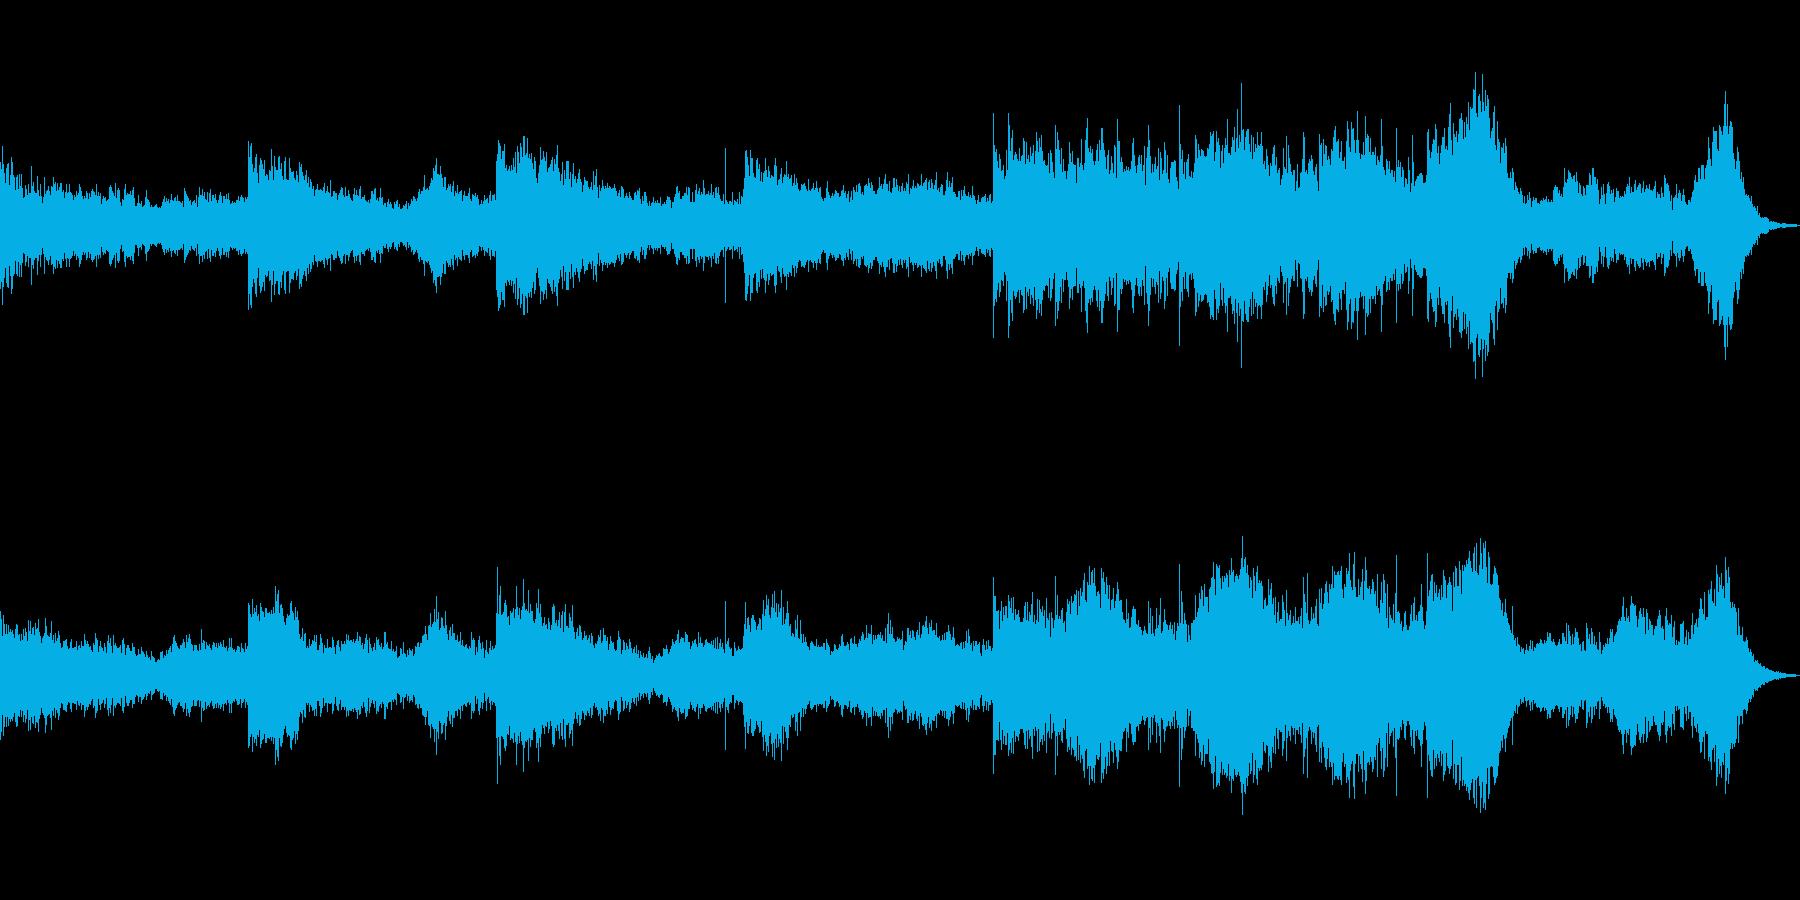 サイコスリラー・猟奇的事件【ループ再生】の再生済みの波形